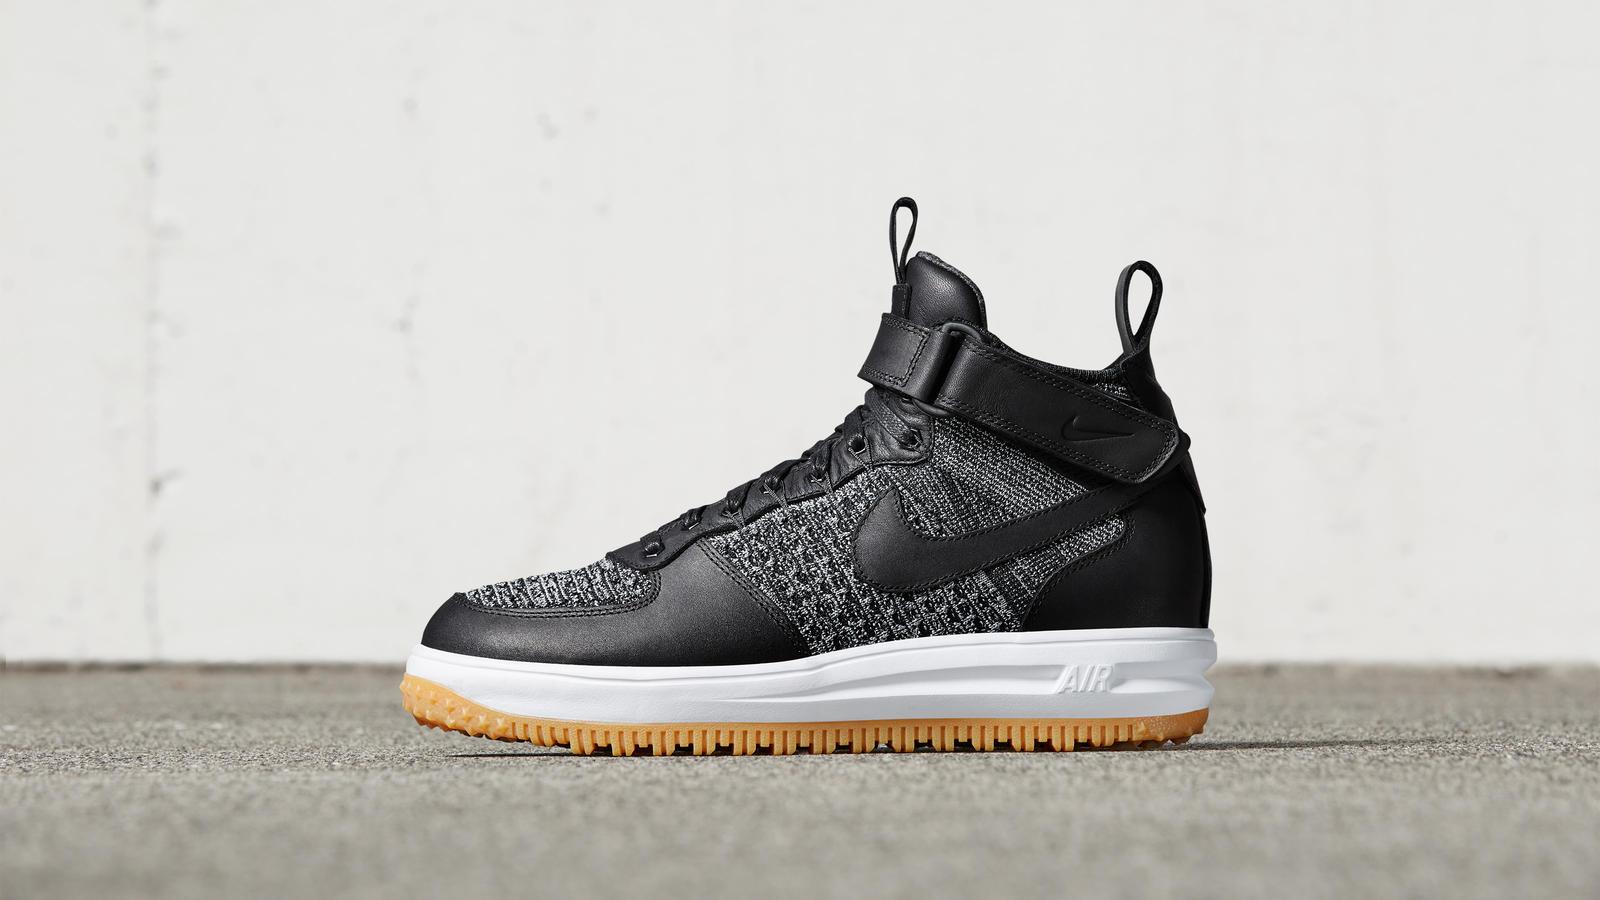 161026_footwear_sneakerboot_p_0051r_hd_1600